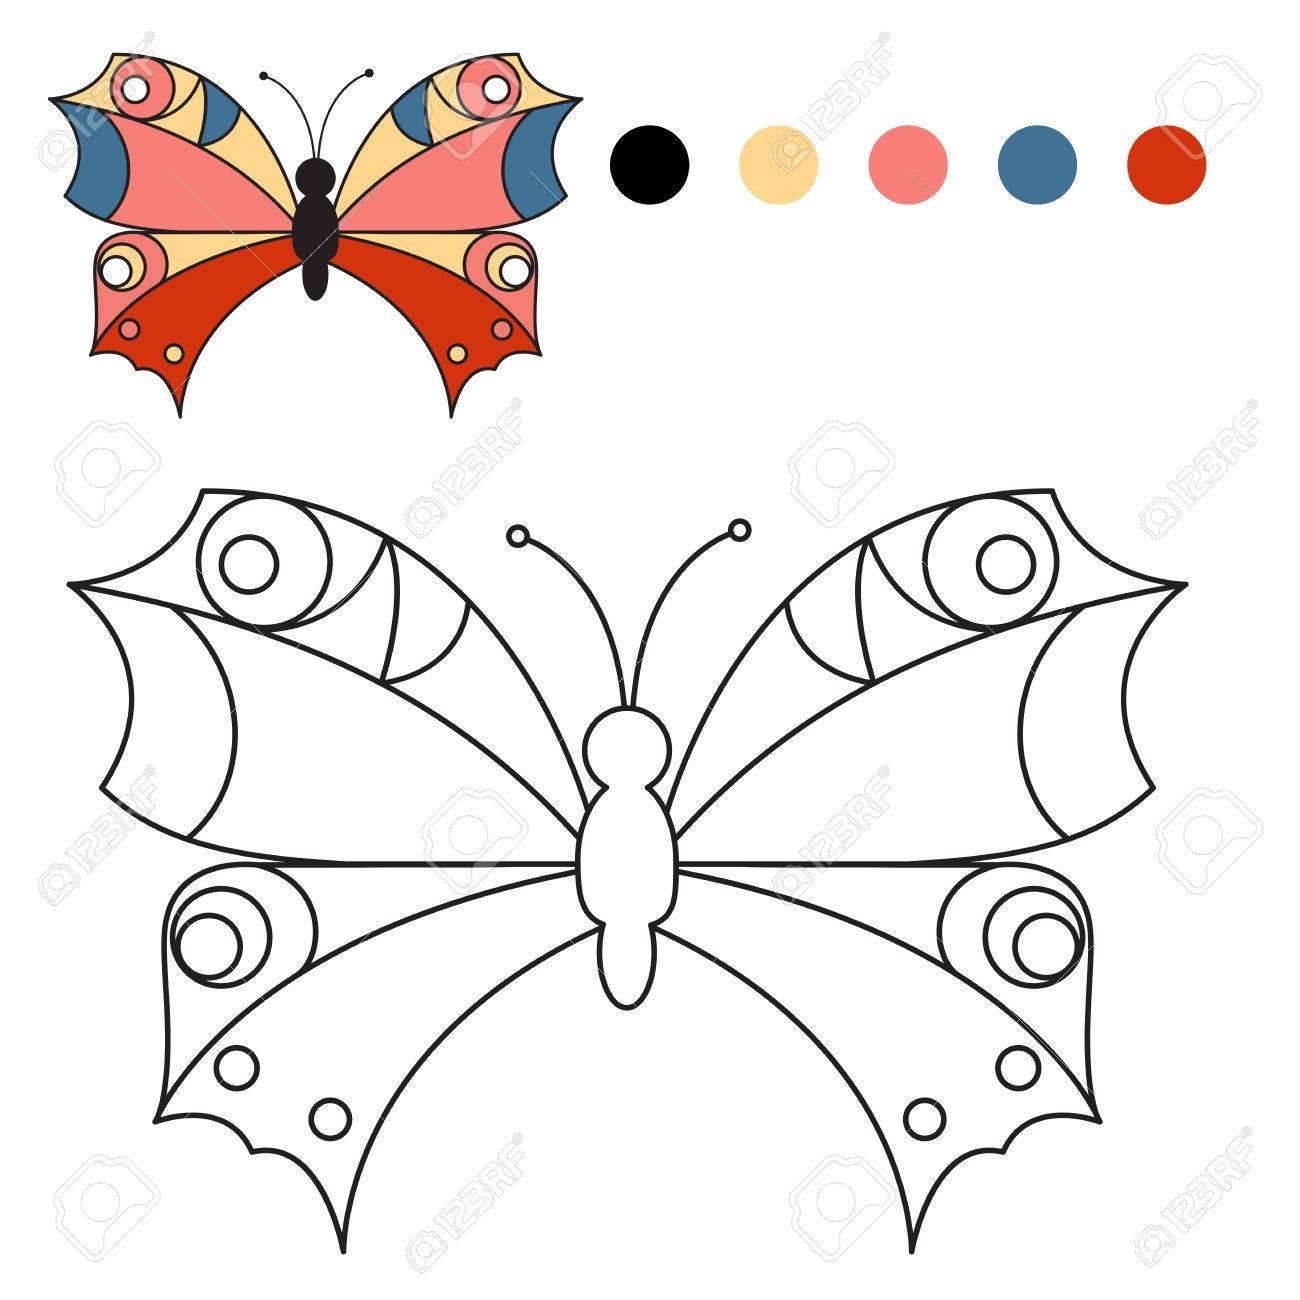 Libro Para Colorear. Mariposa Para Colorear Para Los Niños En Un ...